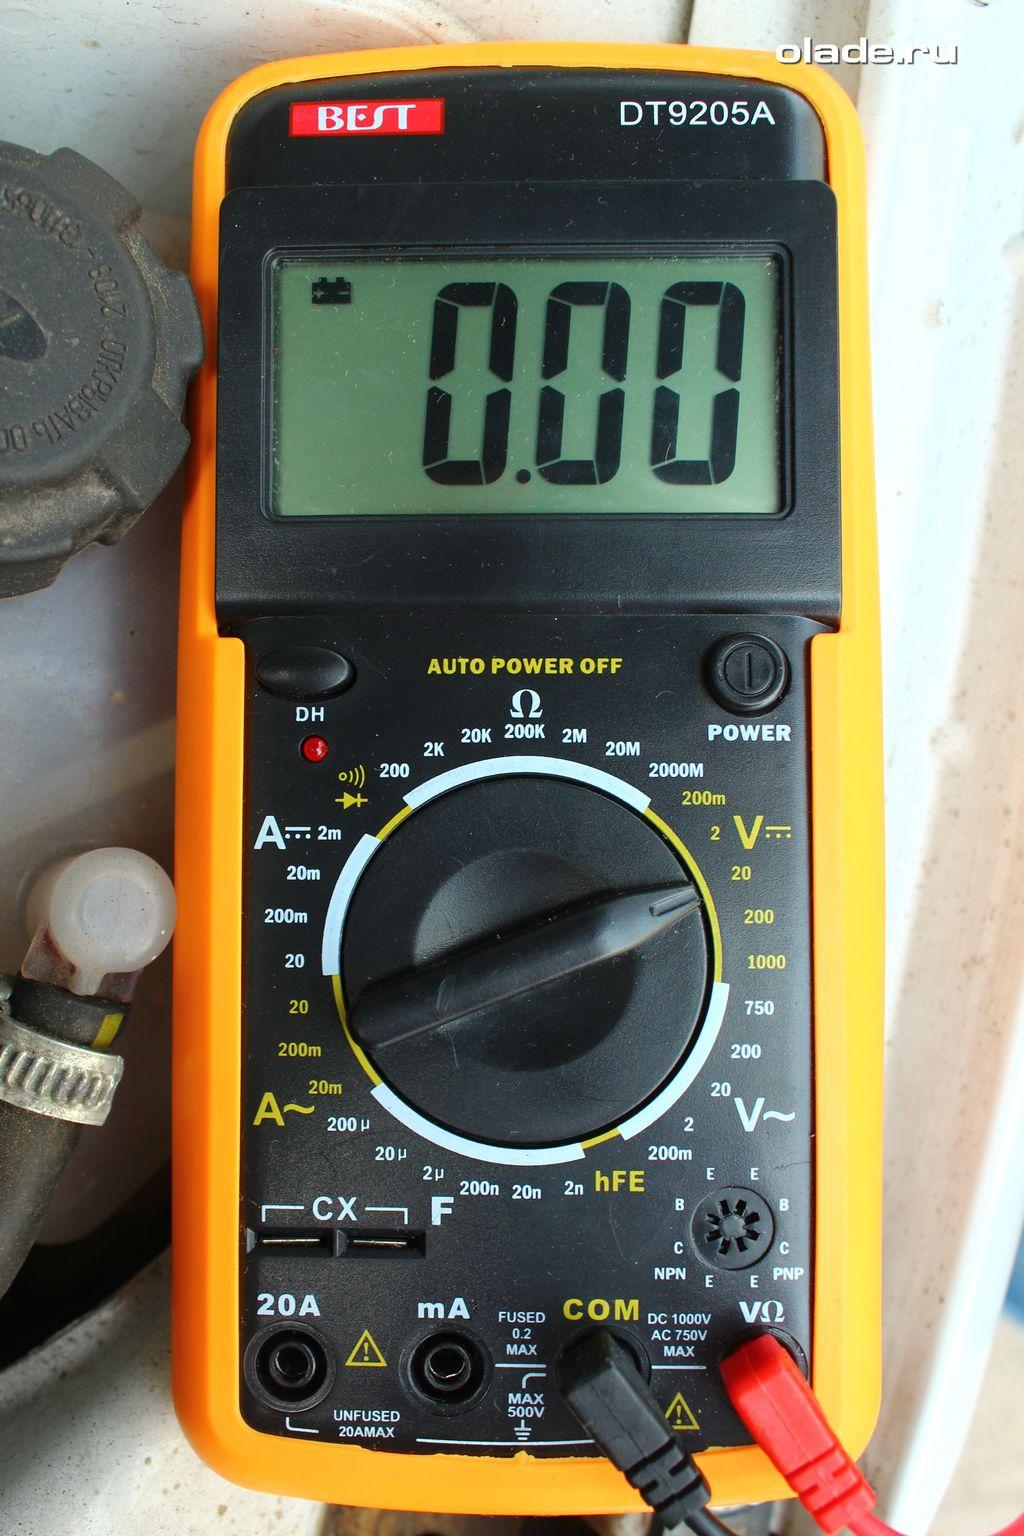 Проверка аккумулятора и генератора мультиметром (фото 1)